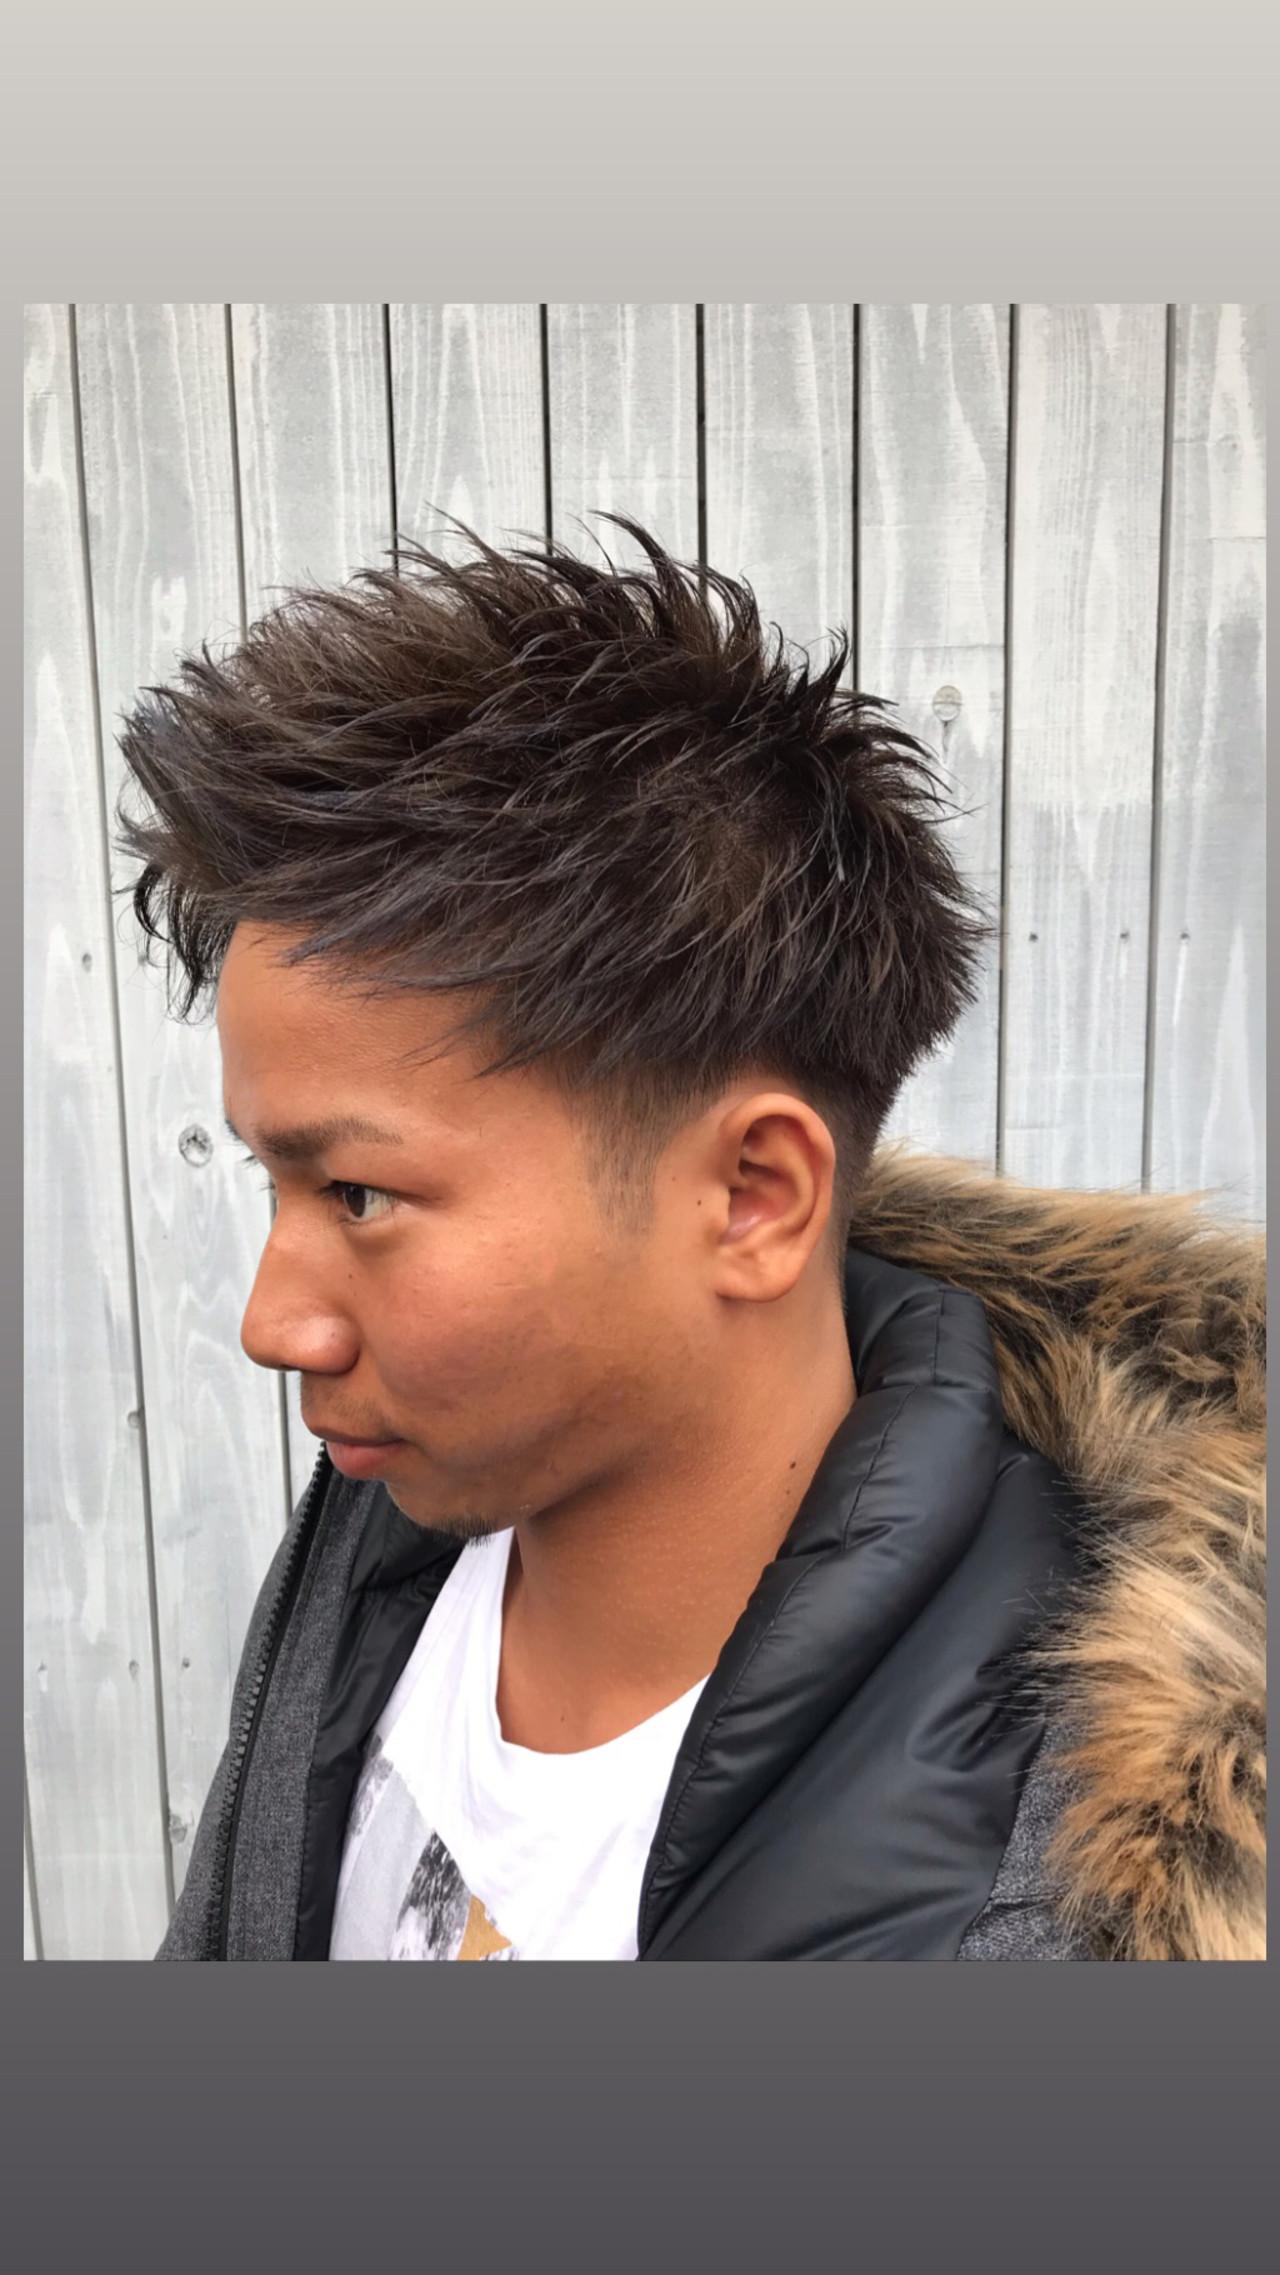 刈り上げショート アップバング ツーブロック メンズヘアスタイルや髪型の写真・画像